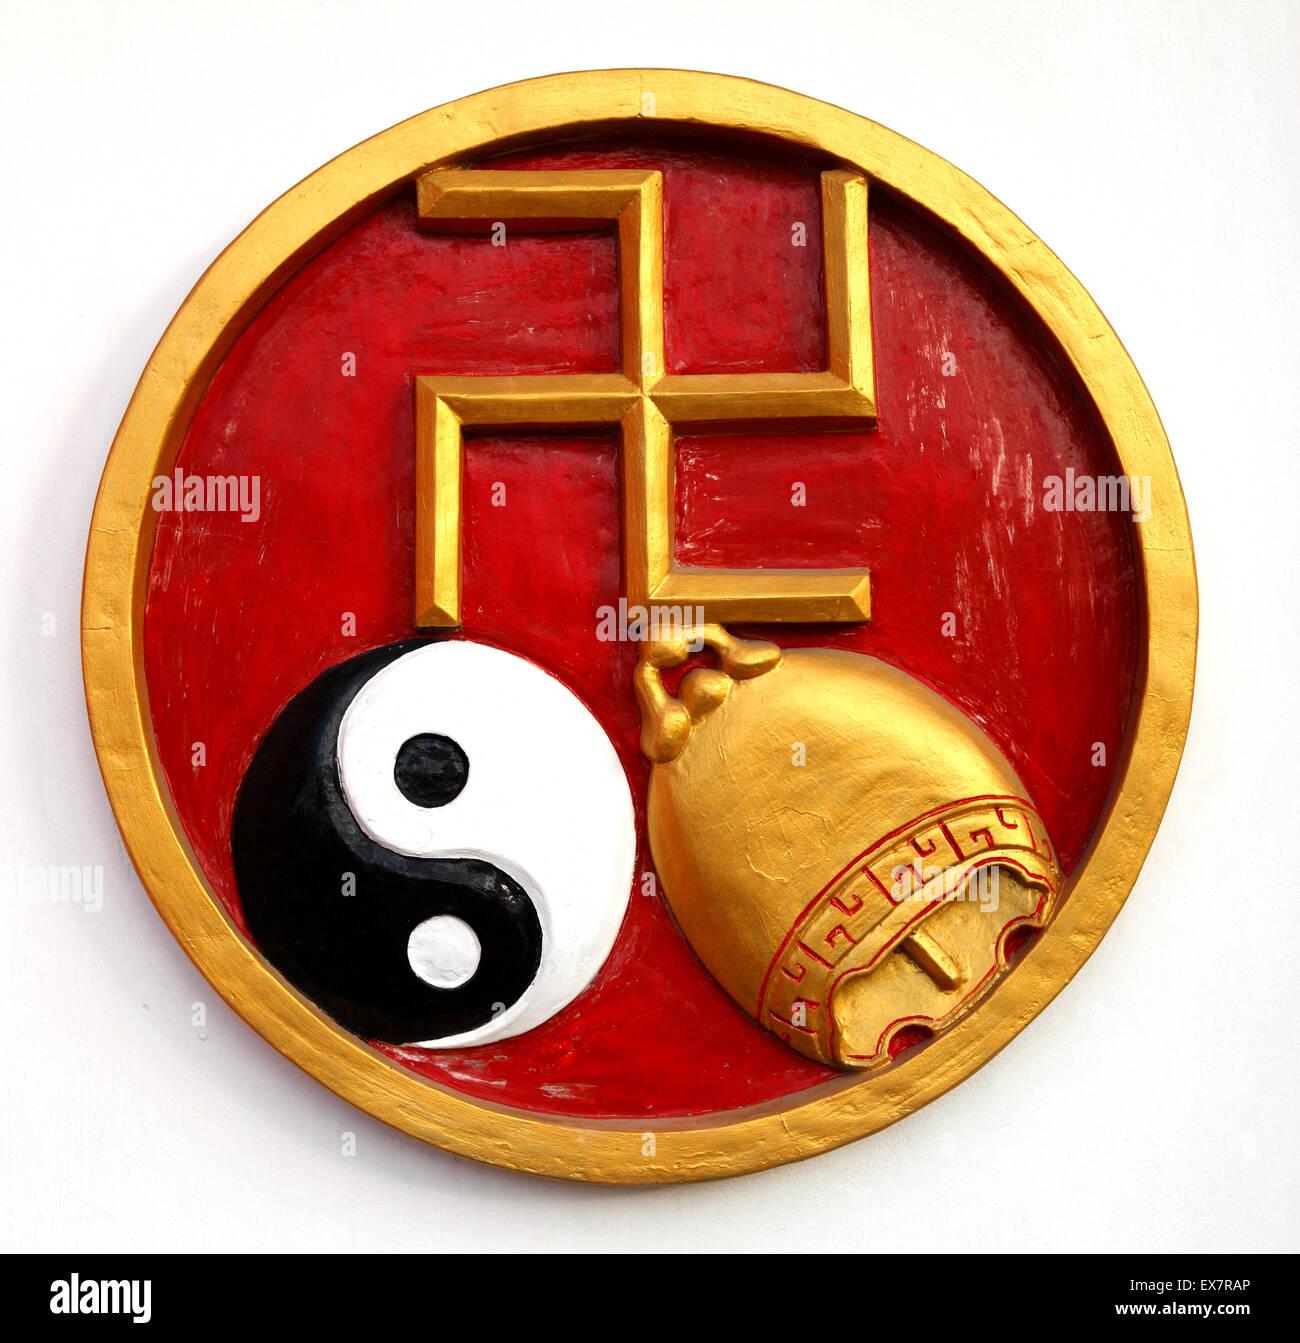 Una decorazione murale di Bali, con una svastica dorata, un Ying e Yang una campana dorata. Si tratta di un simbolo Immagini Stock